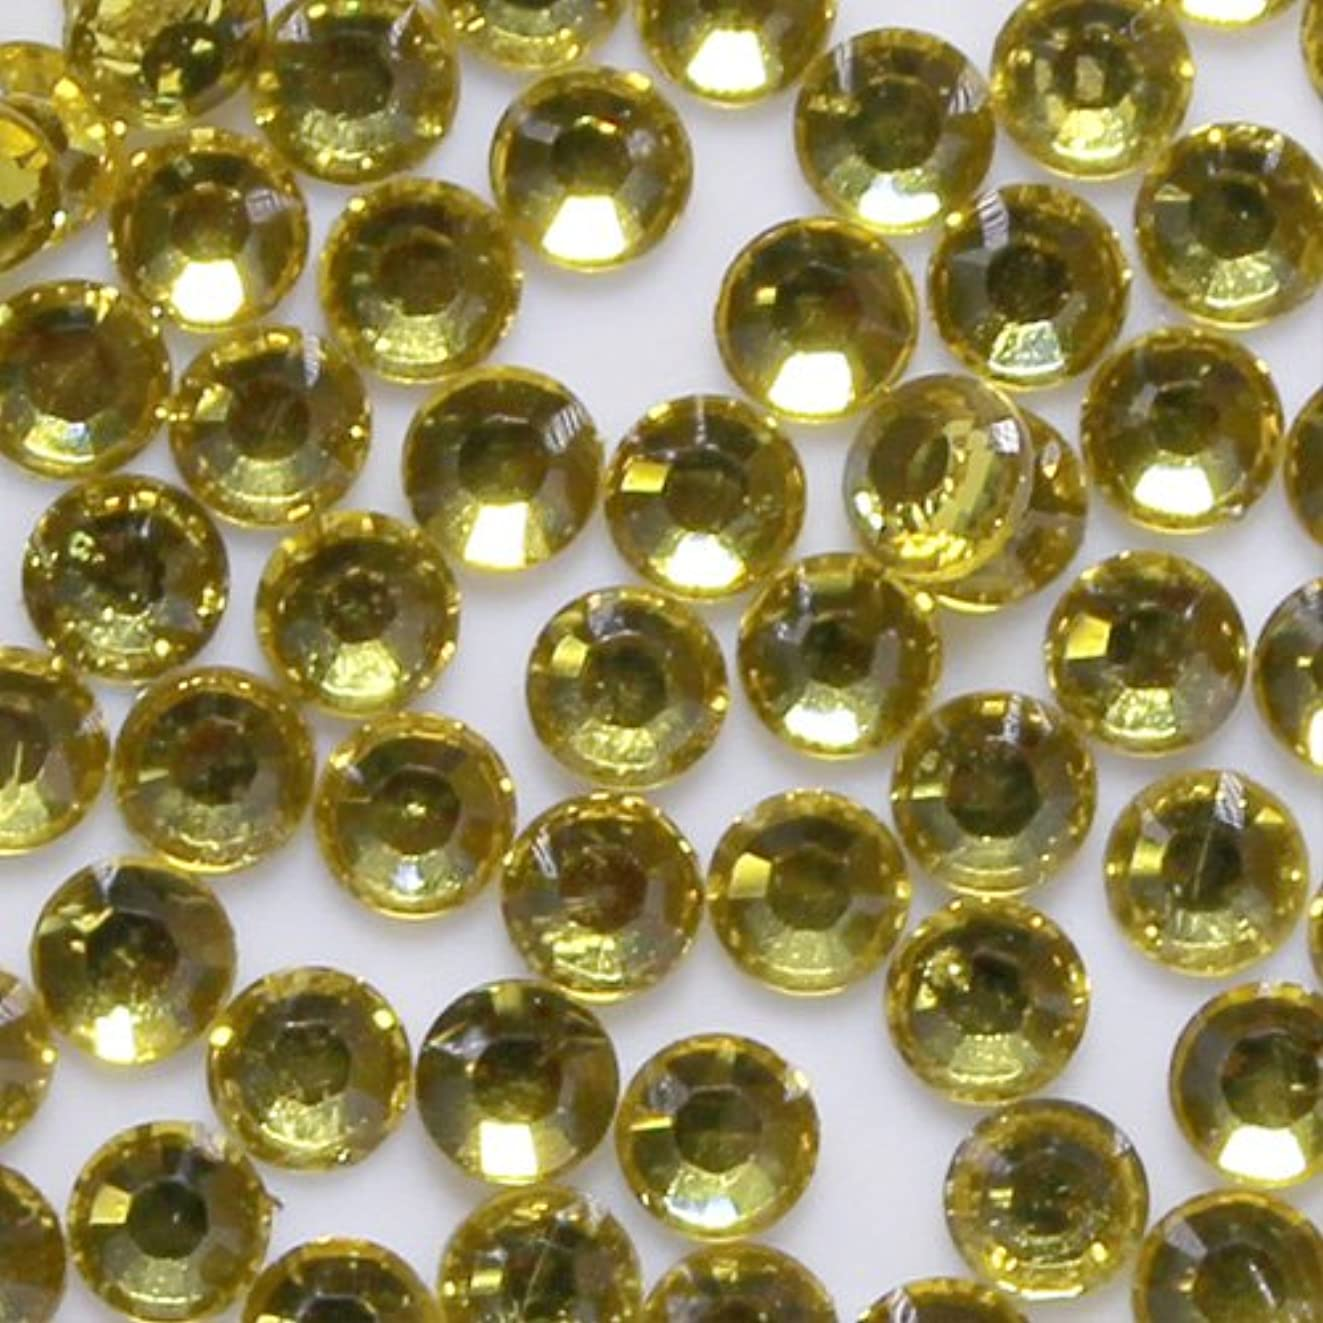 懐禁輸許容高品質 アクリルストーン ラインストーン ラウンドフラット 約1000粒入り 2mm シトリン